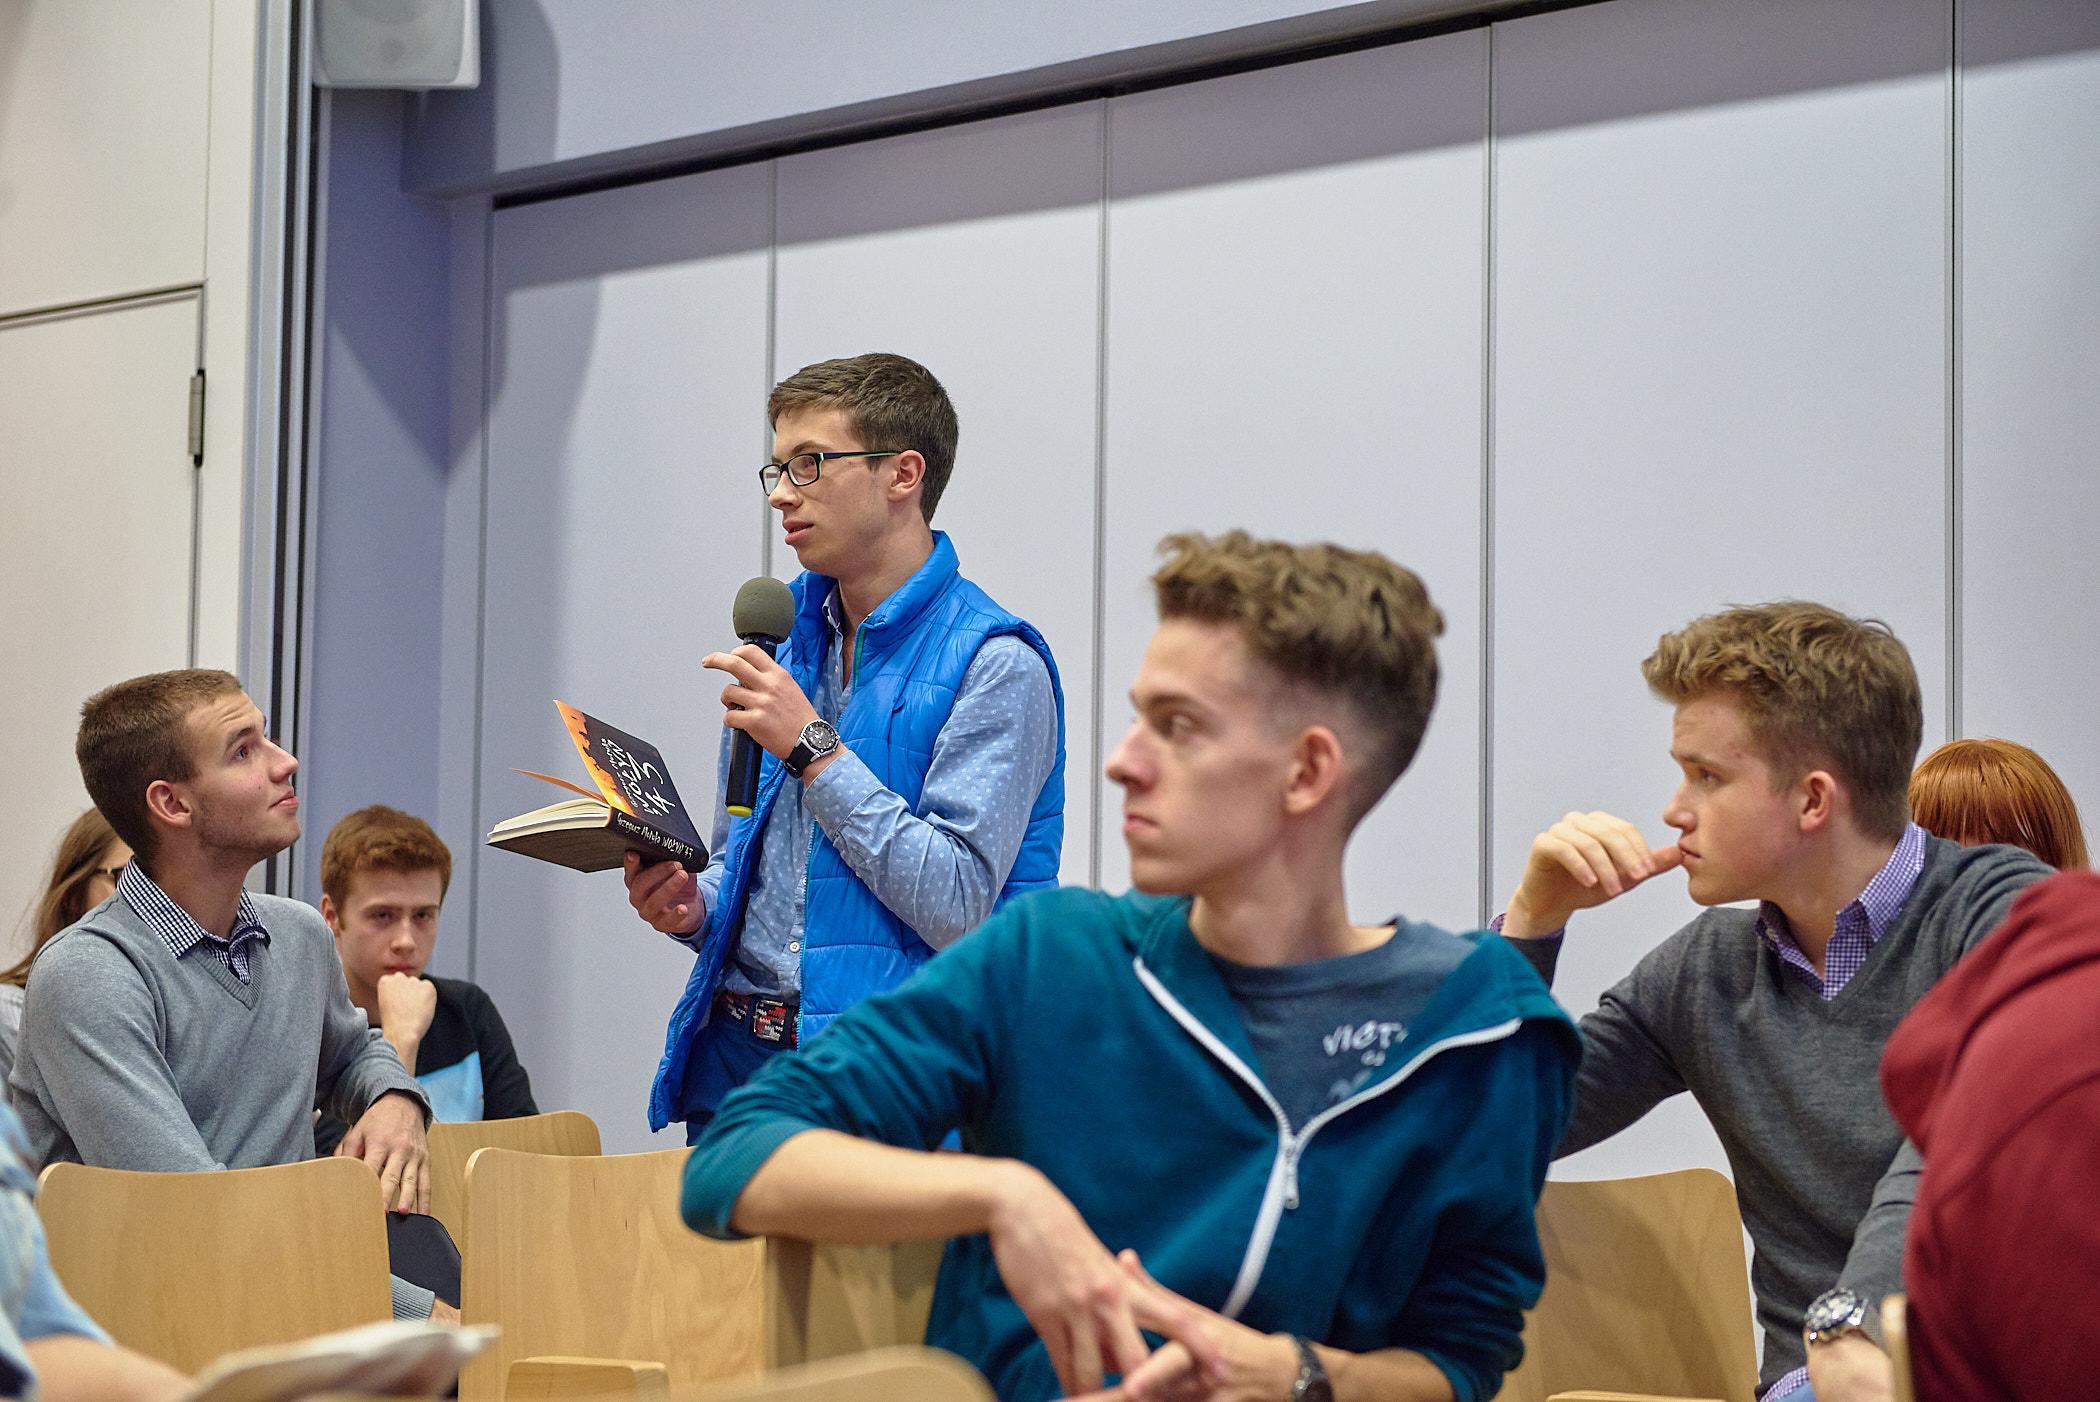 Spotkanie Młodzieżowych Klubów Historycznych w DSH. Fot. Ola Drutkowska